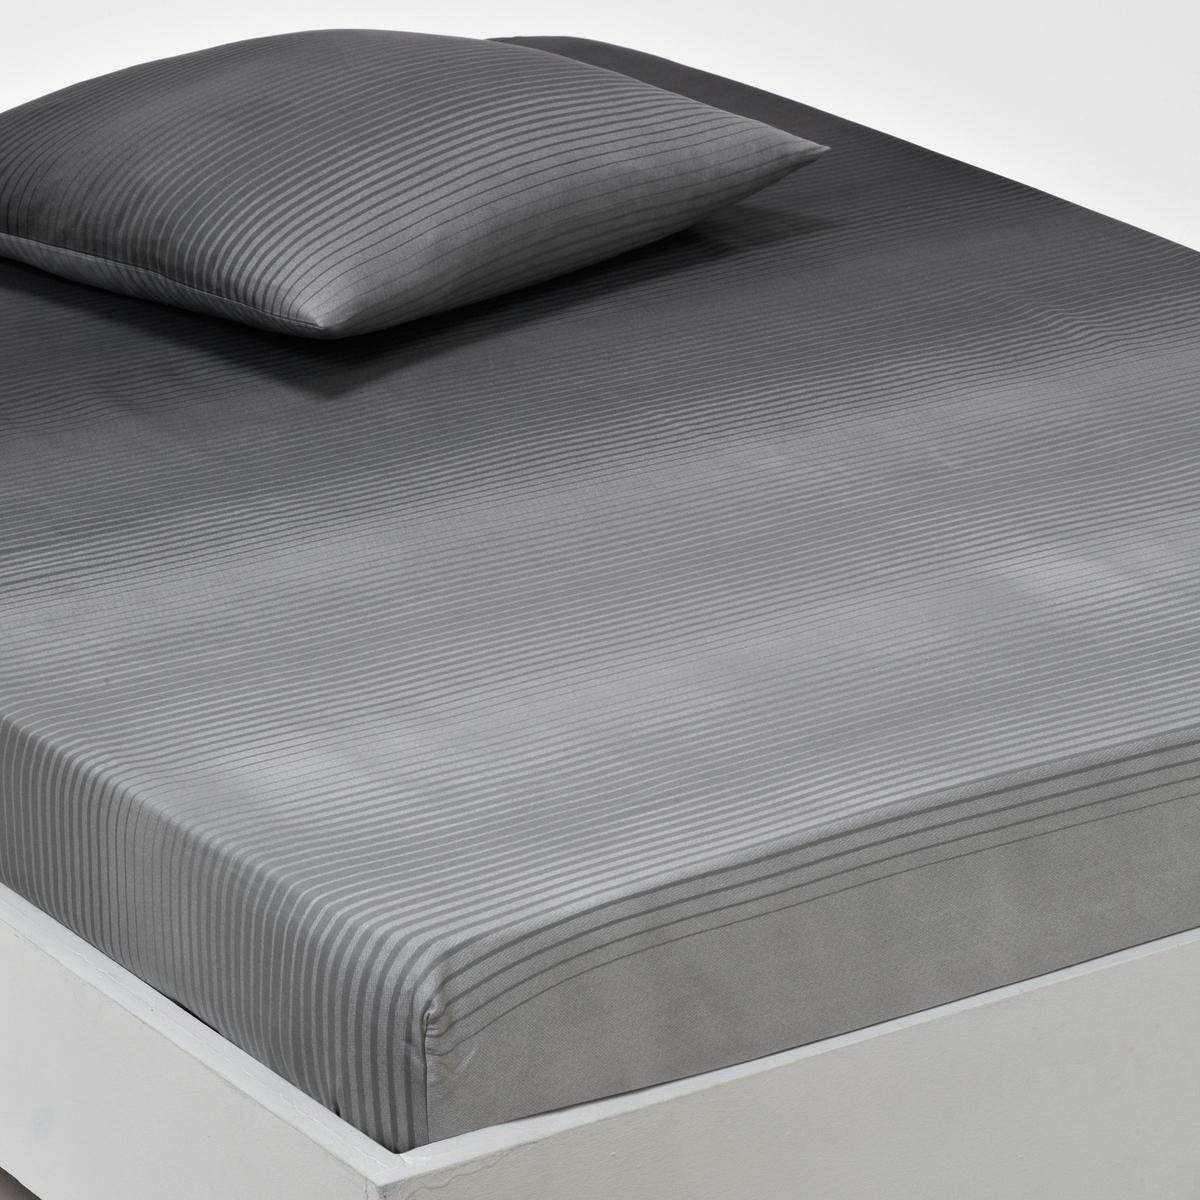 Простыня натяжная из хлопкового атласа, RayadosОписание натяжной простыни для раздельных матрасов  :Рисунок с переходом от серого к черному на эластичном и мягком хлопковом атласе - Атлас 100% хлопка (80 нитей/см2) . - 100% хлопок  чем больше количество нитей/см2, тем выше качество ткани  .- Машинная стирка при 60° .Сертификат Oeko-Tex® дает гарантию того, что товары изготовлены без применения химических средств и не представляют опасности для здоровья человека  .Размер  :90 x 190 см   : 1-сп. 140 x 190 см  : 2-сп. 160 x 200 см  : 2-сп.<br><br>Цвет: серый